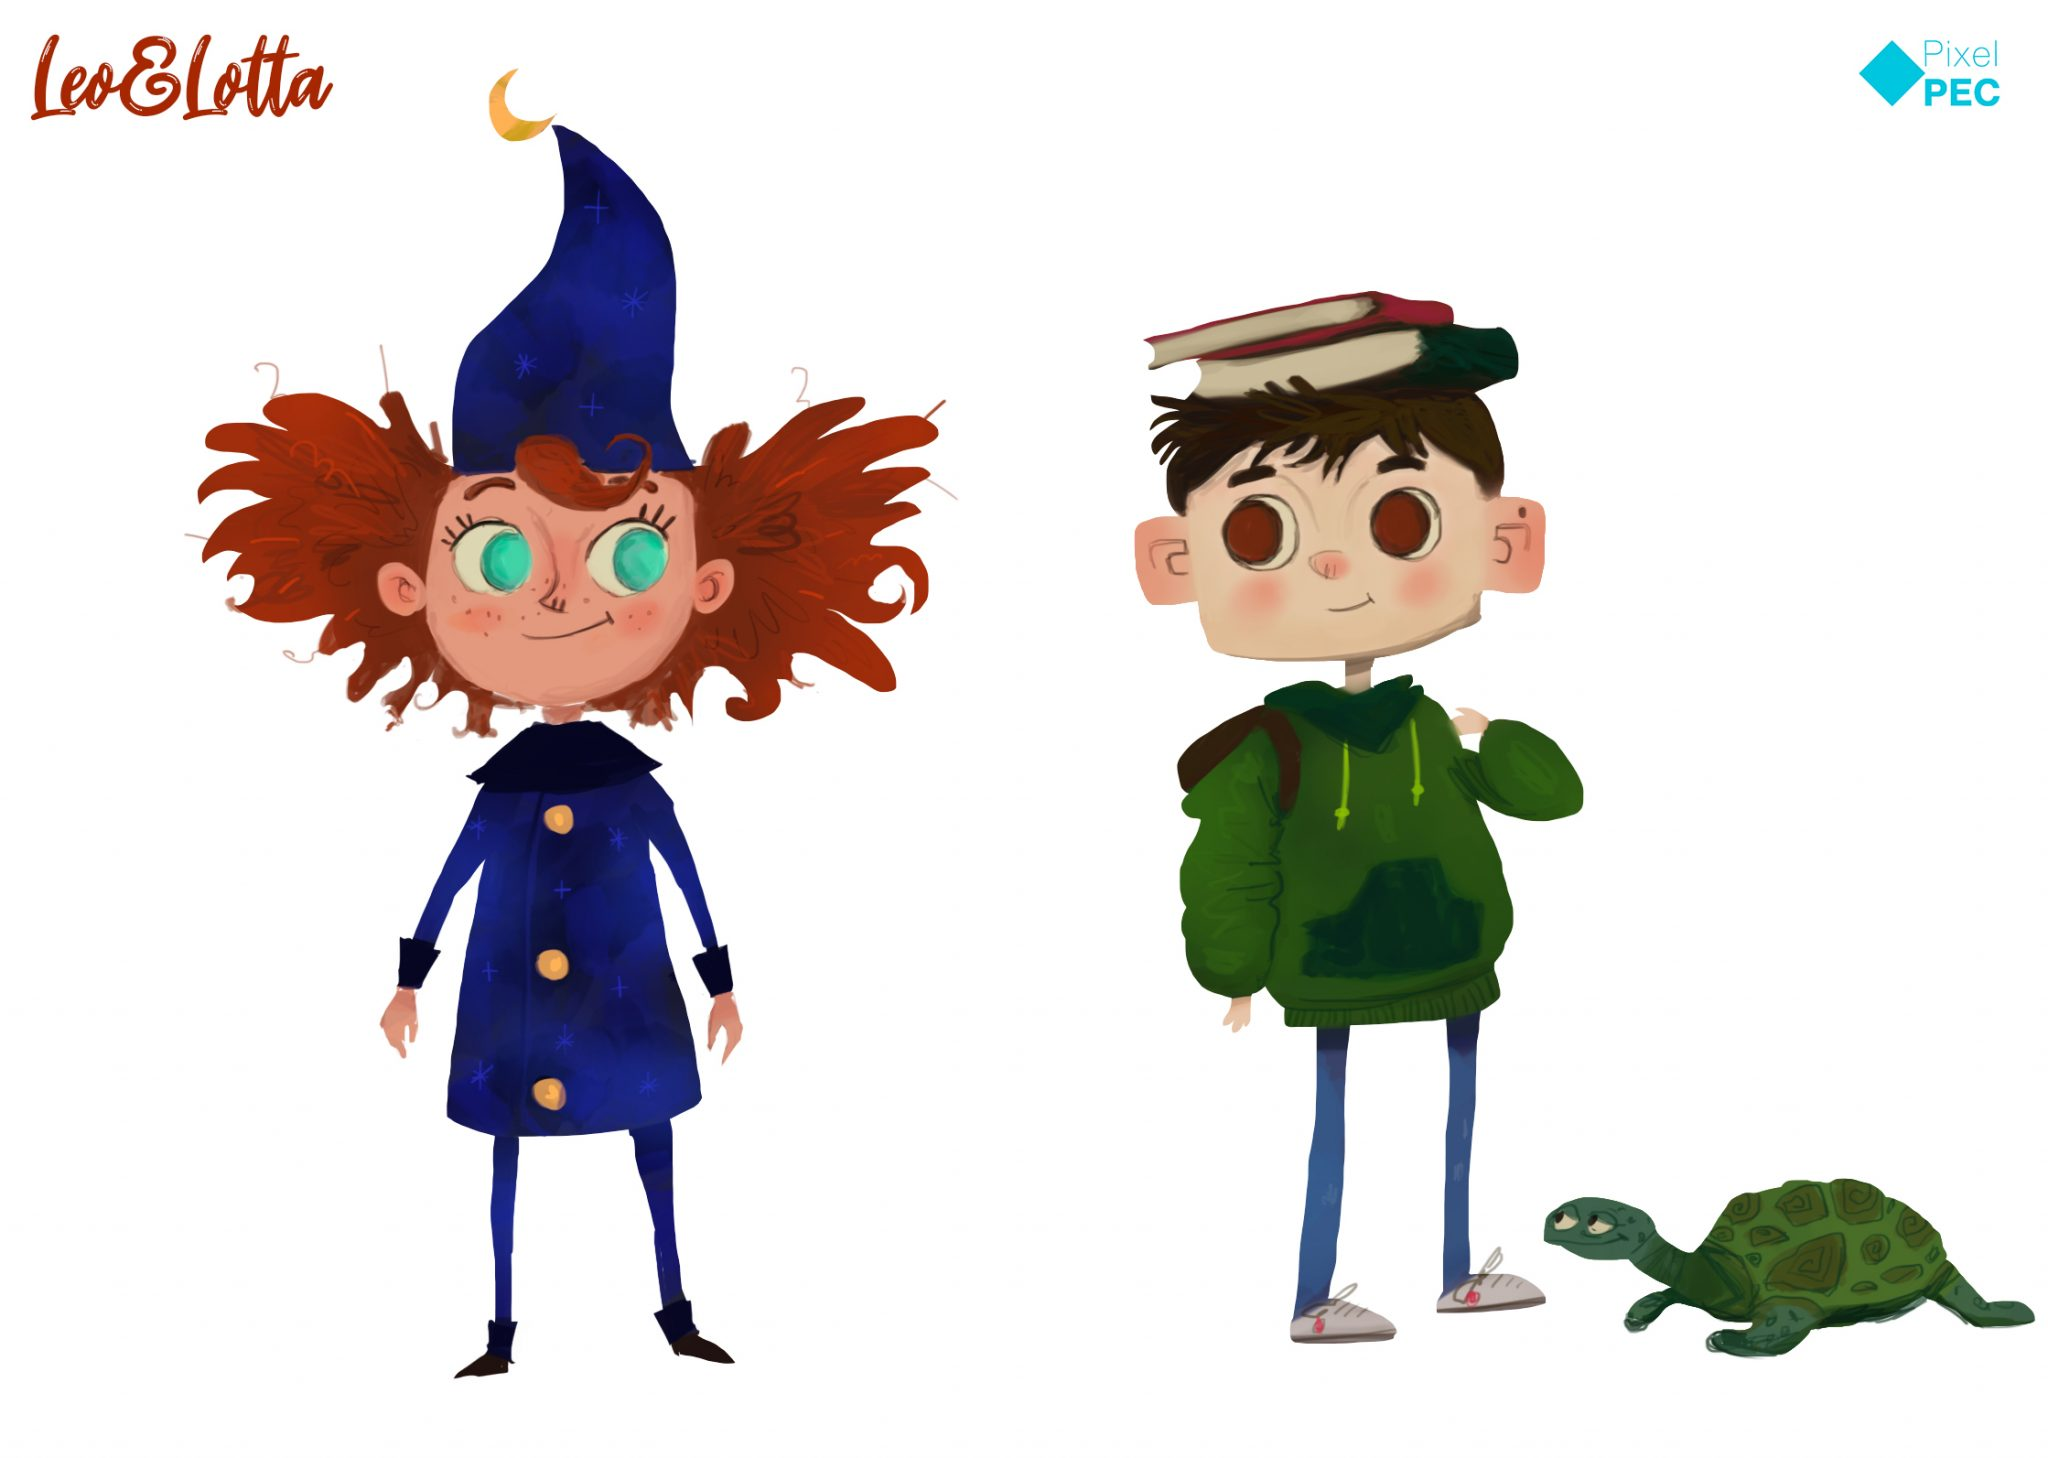 Characterdesign von der wilden Lotta und dem schüchternen Leo